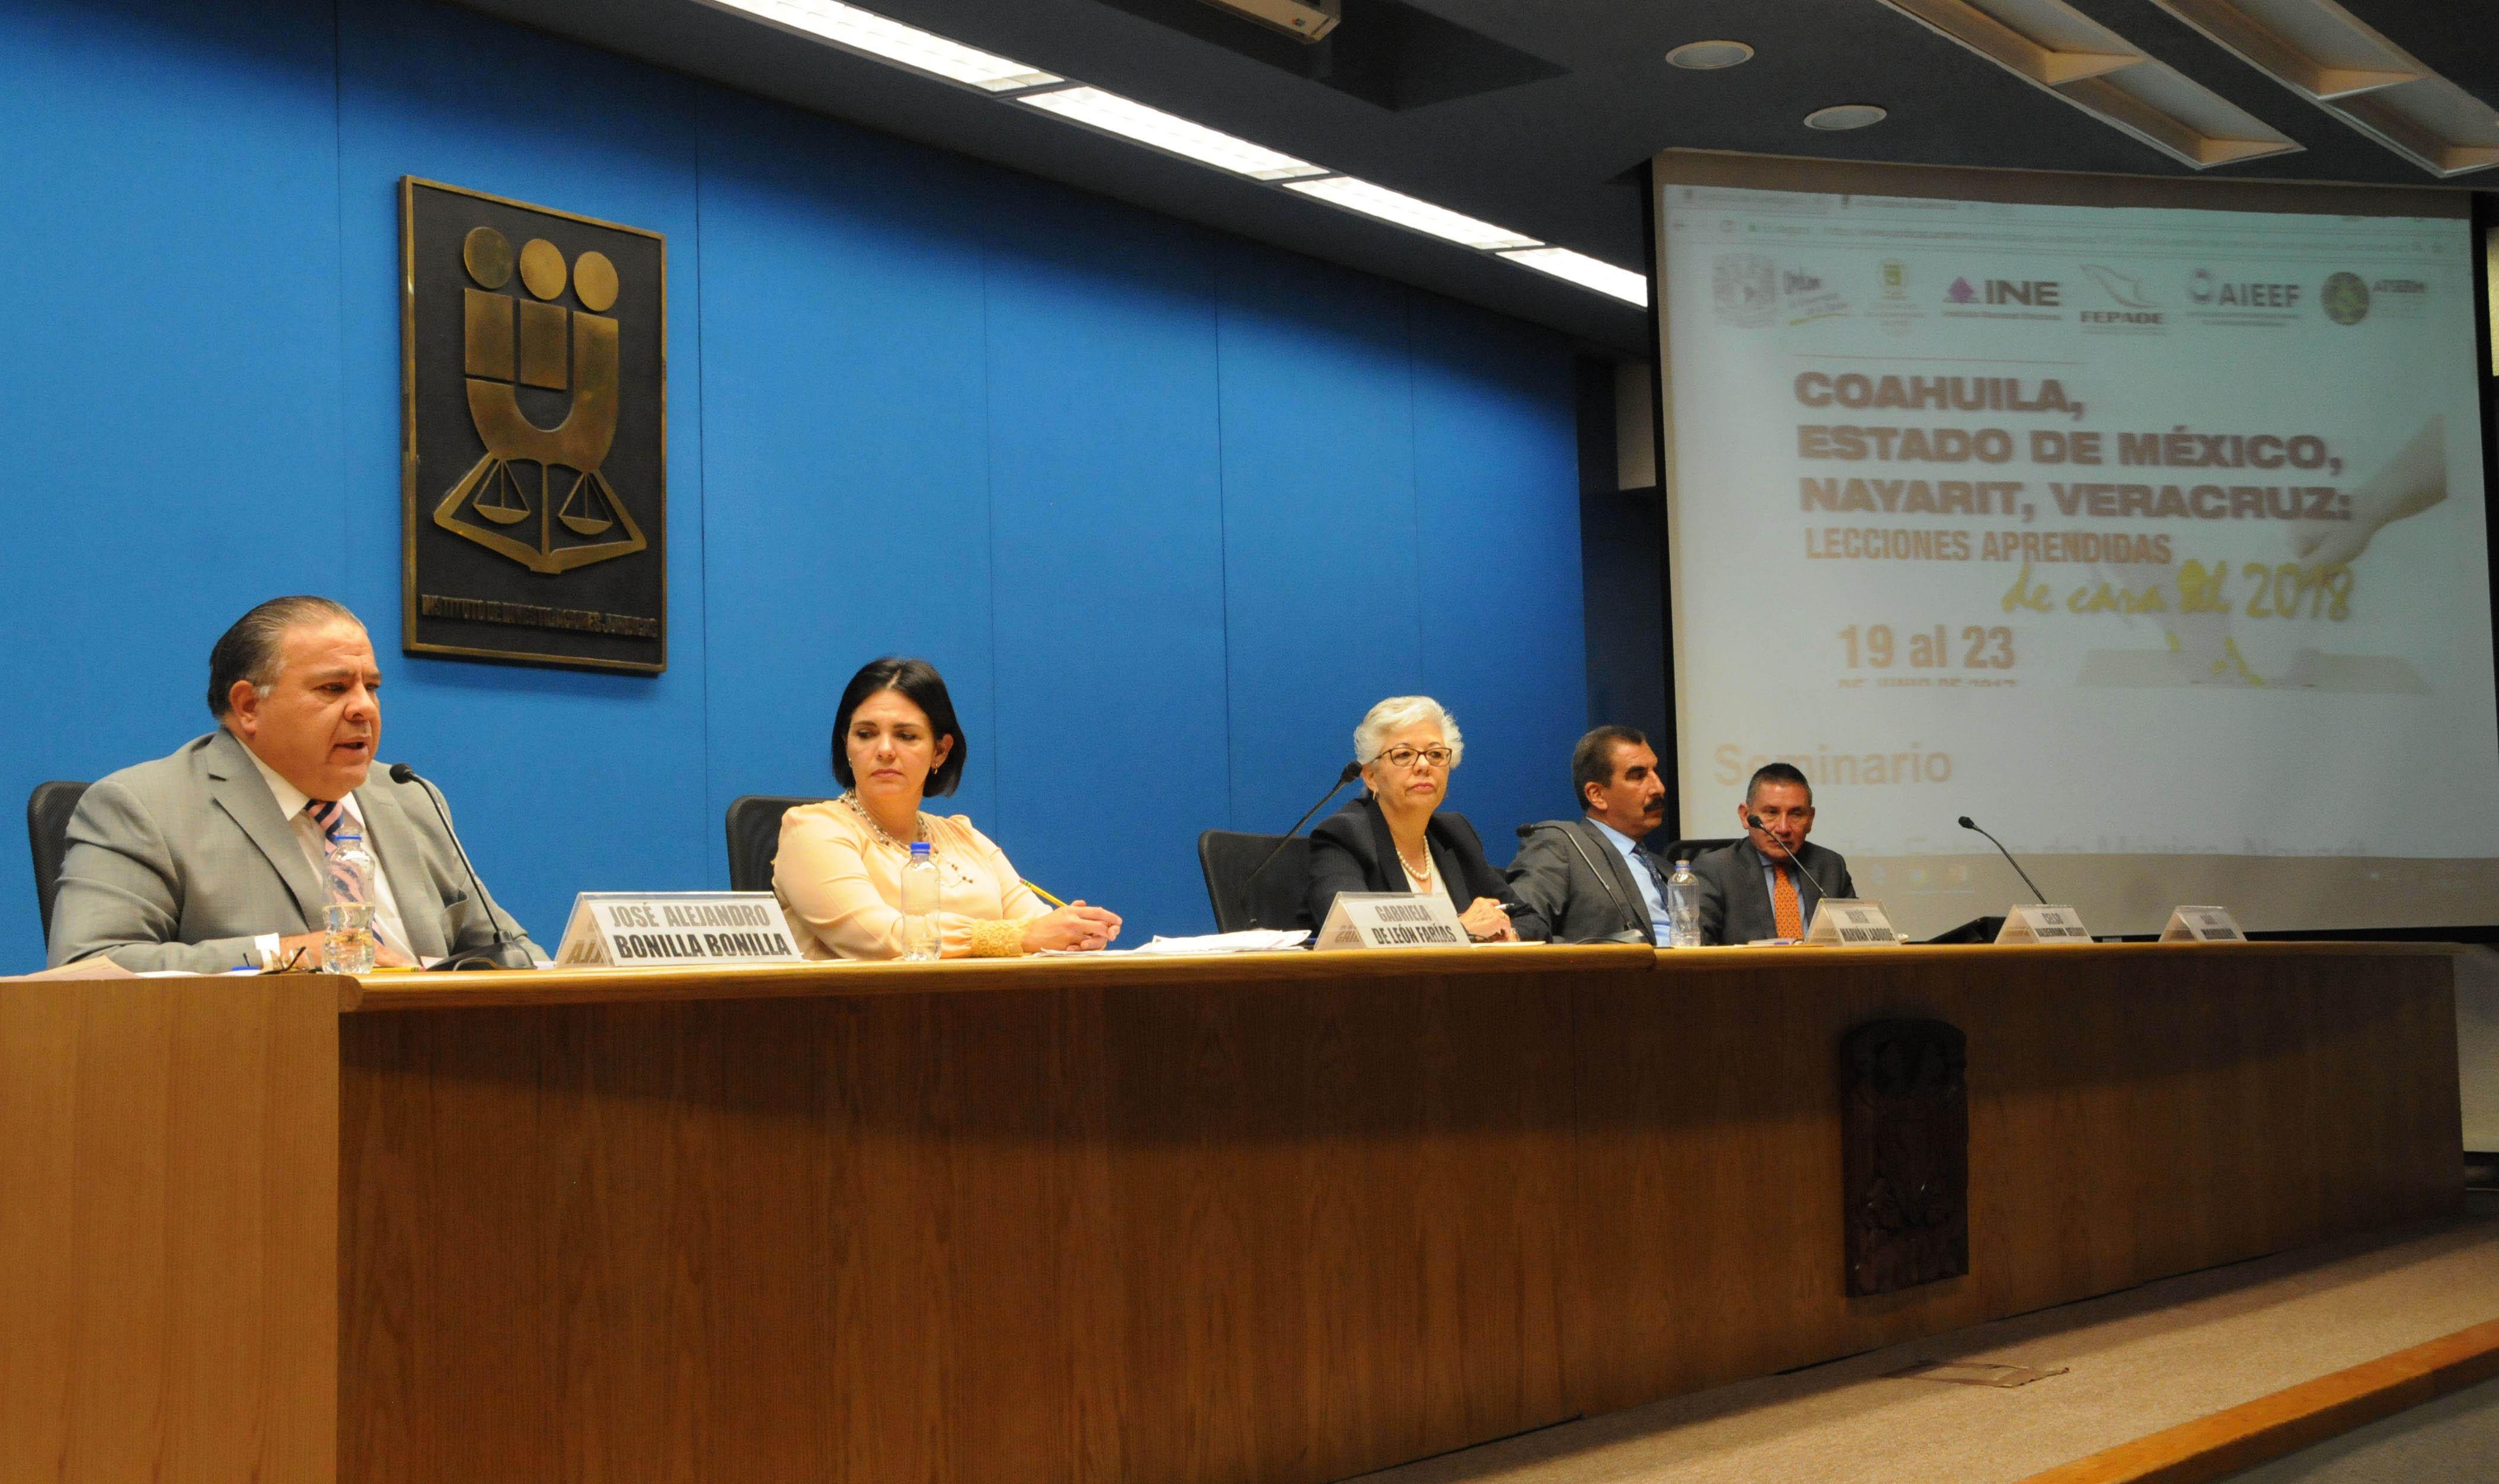 LLAMAN EXPERTOS EN LA UNAM A SIMPLIFICAR PROCEDIMIENTOS PARA AGILIZAR CÓMPUTO EN ELECCIONES